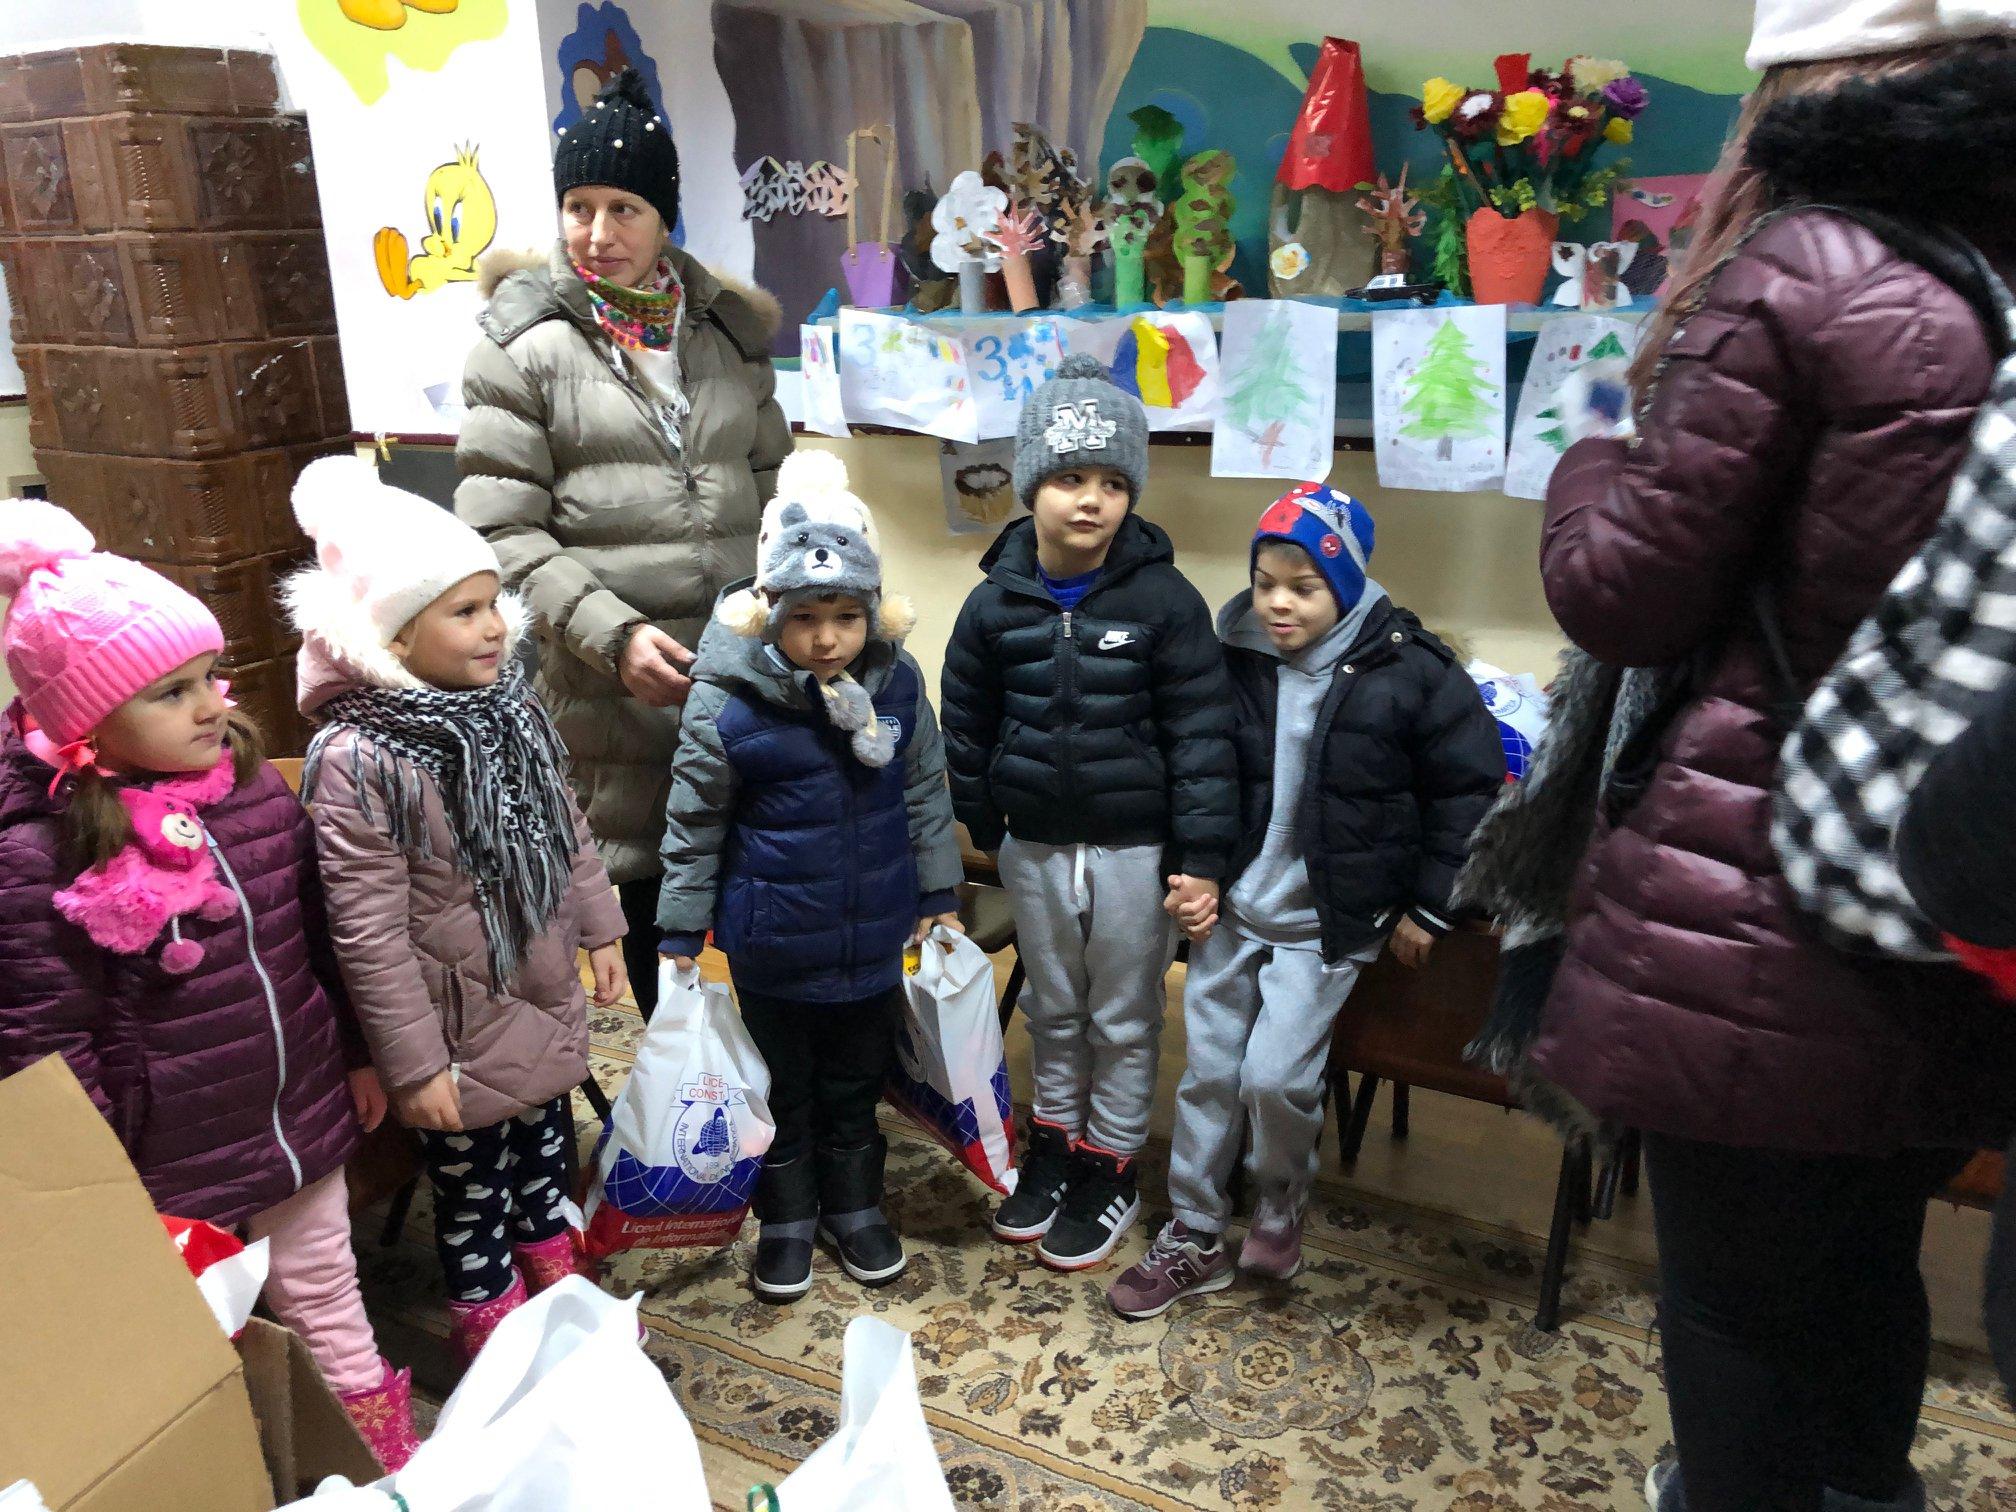 Reprezentantii Consiliului elevilor s-au deghizat in ajutoarele Mosului pentru a aduce cadouri unui numar de 75 de copii de la gradinita